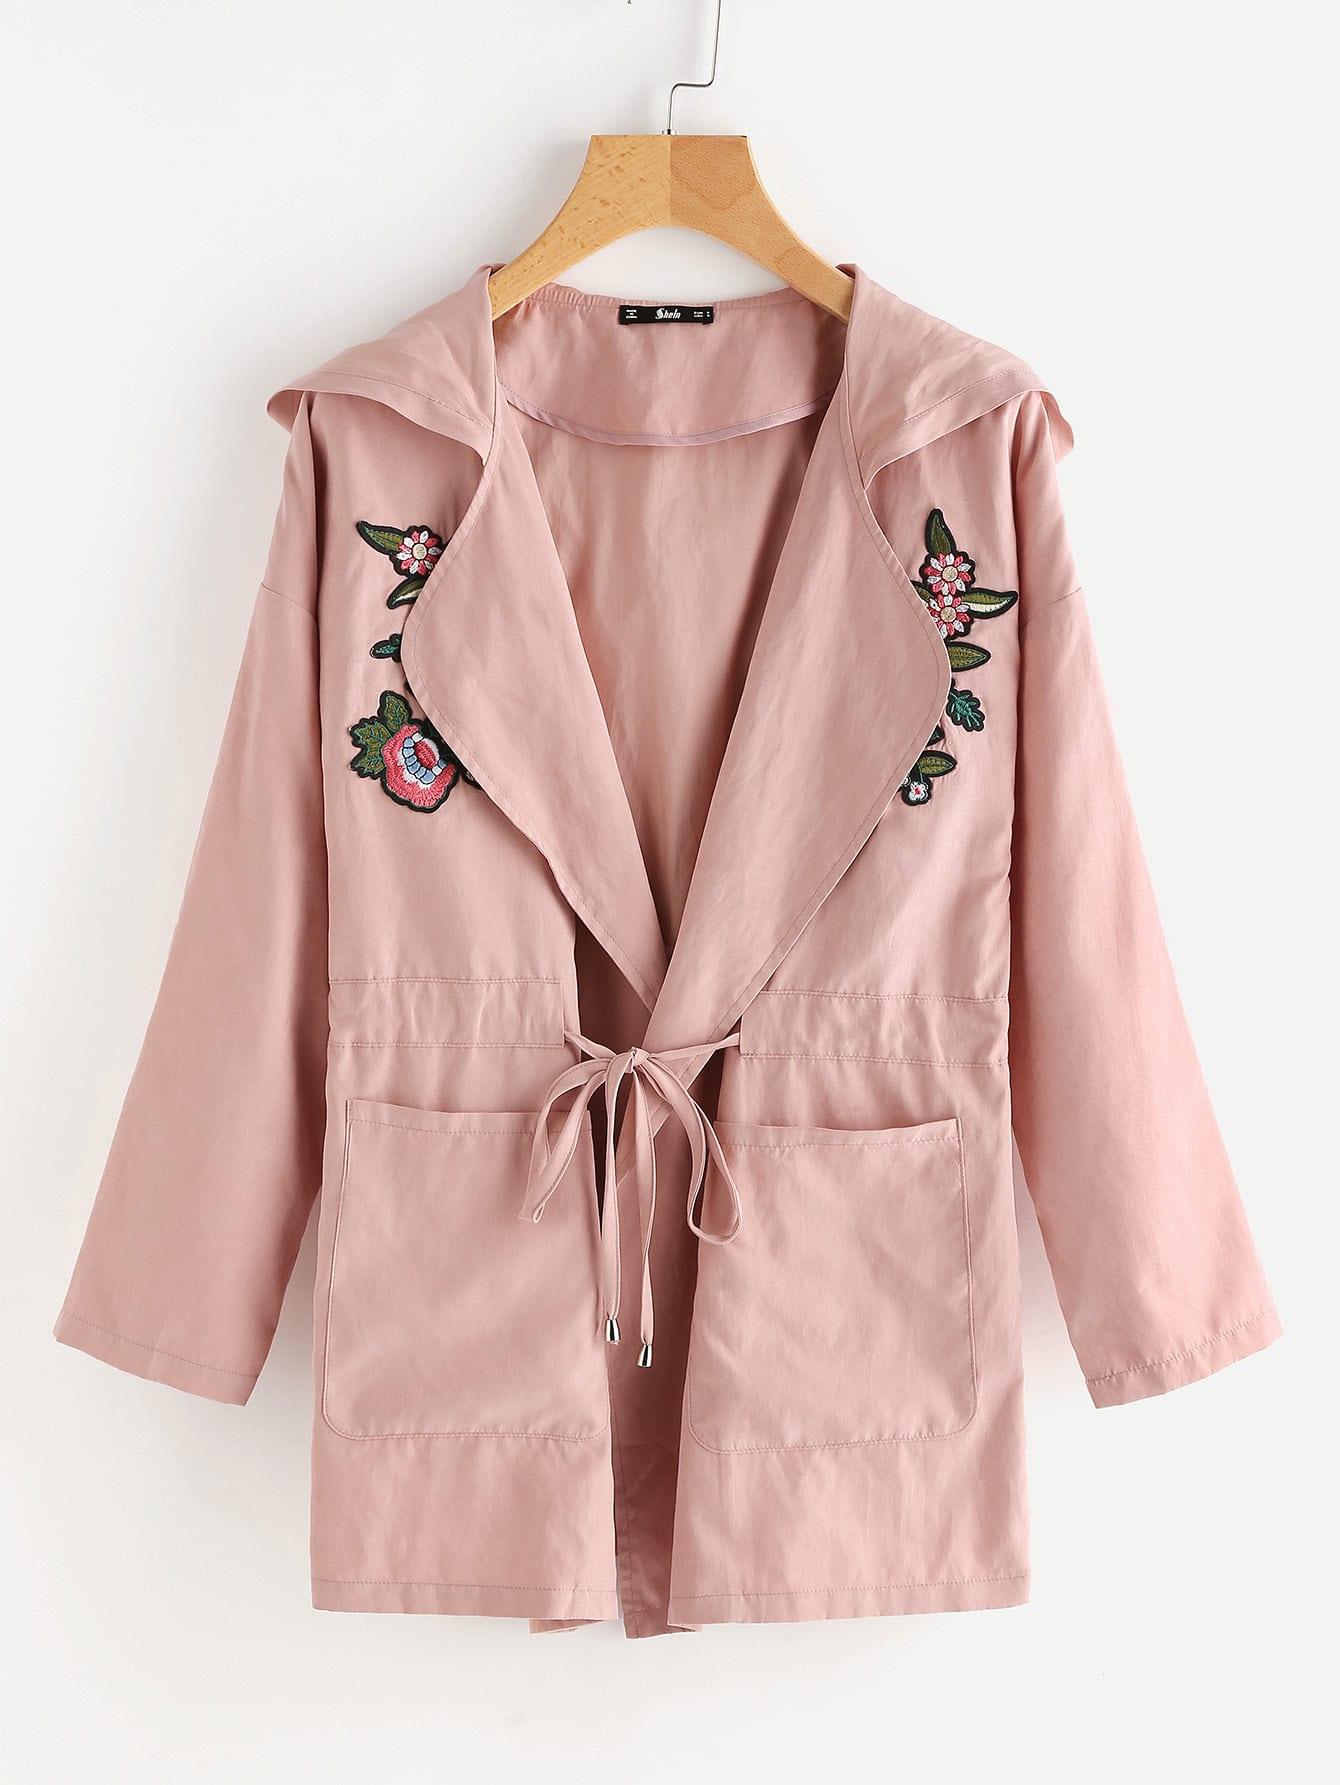 Hooded Mantel mit Stickereien, Blumen Applikation und Kordelzug um die Taille